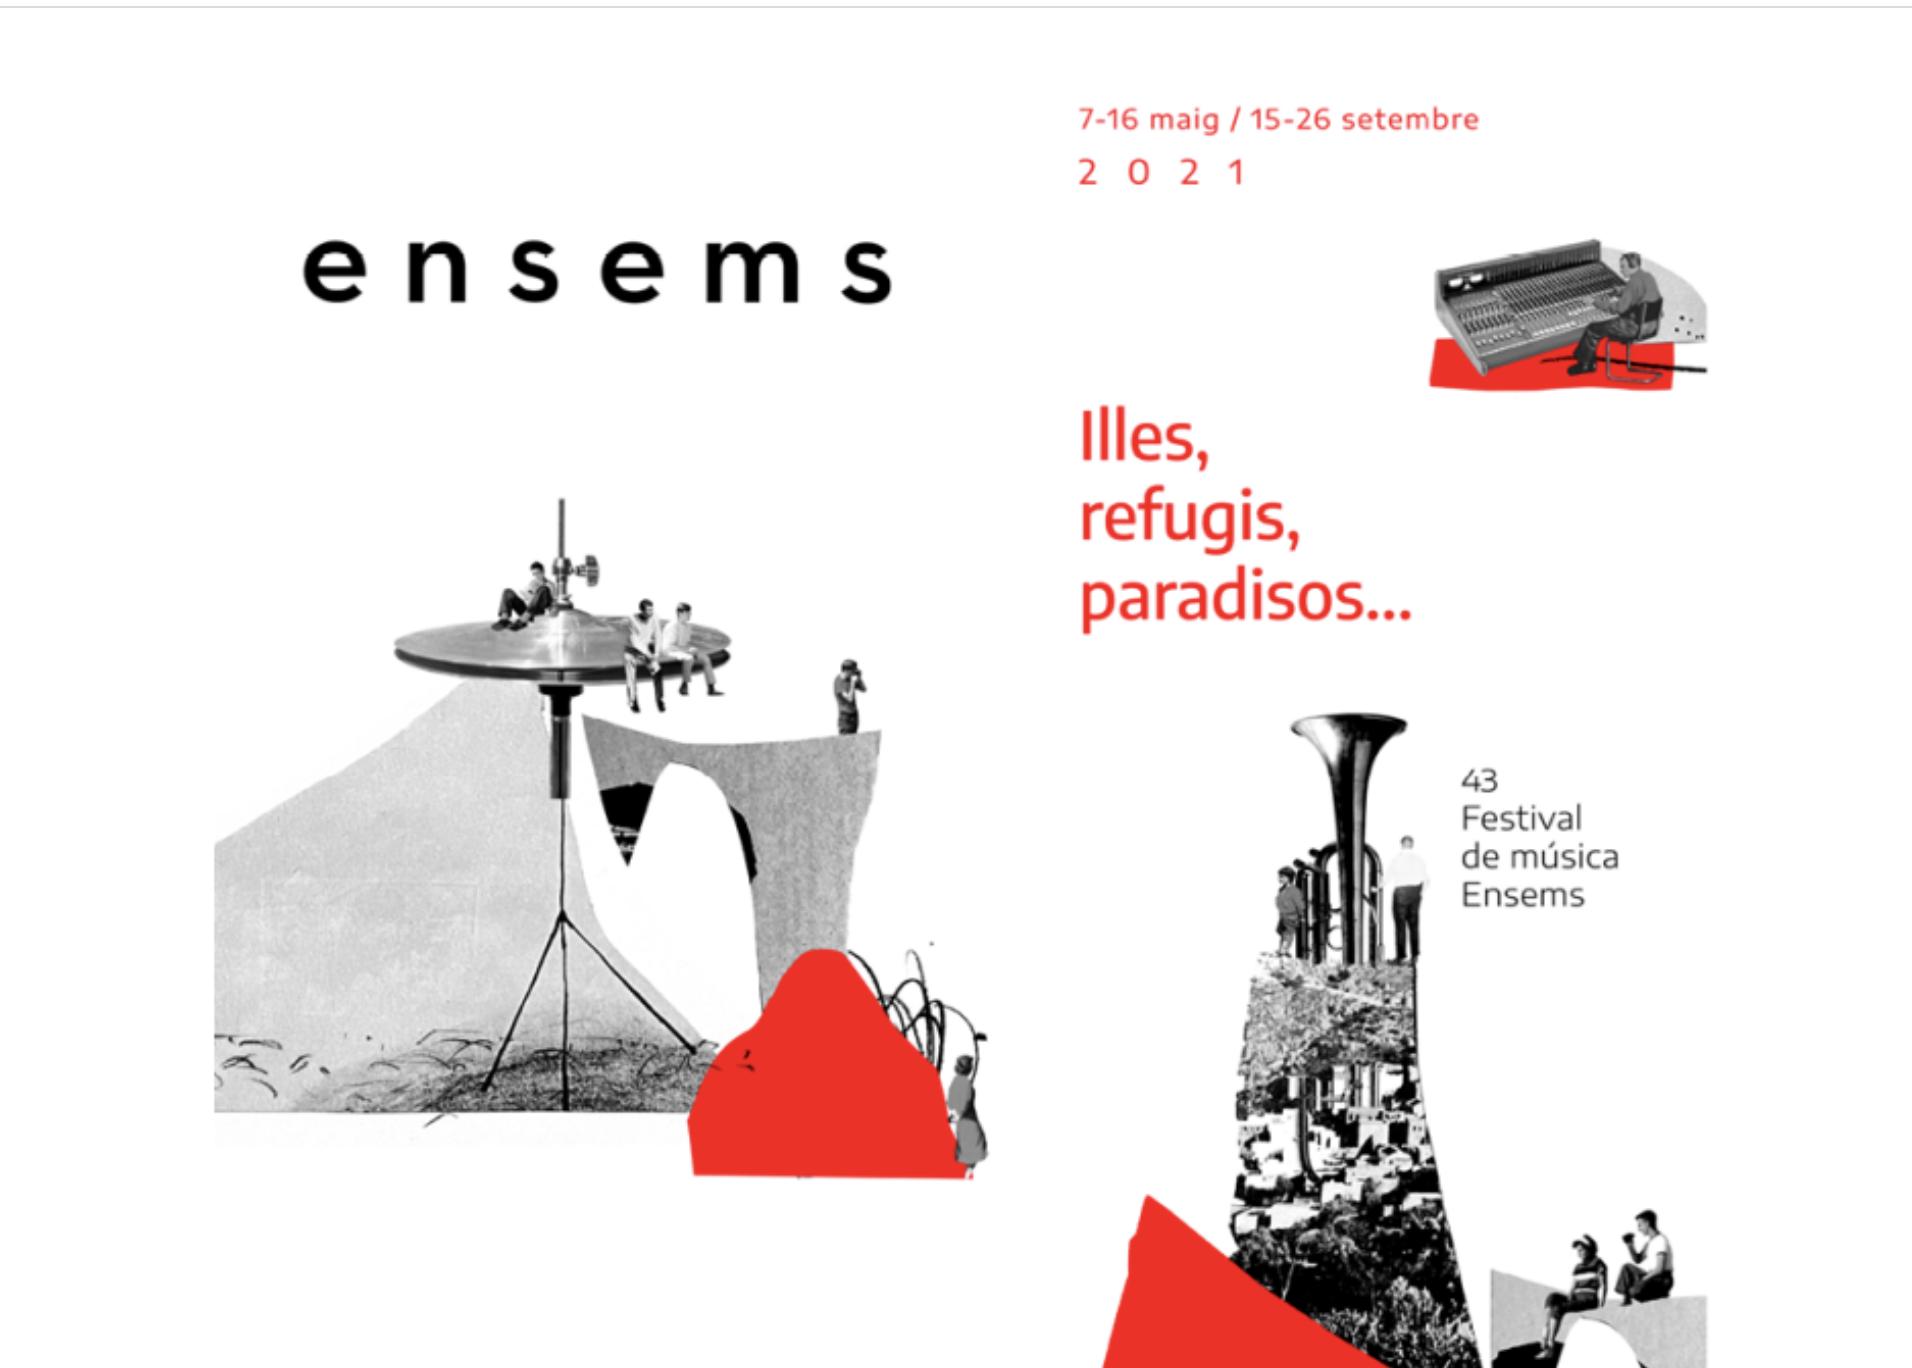 El Institut Valencià de Cultura presenta el 43º festival Ensems con una ambiciosa programación